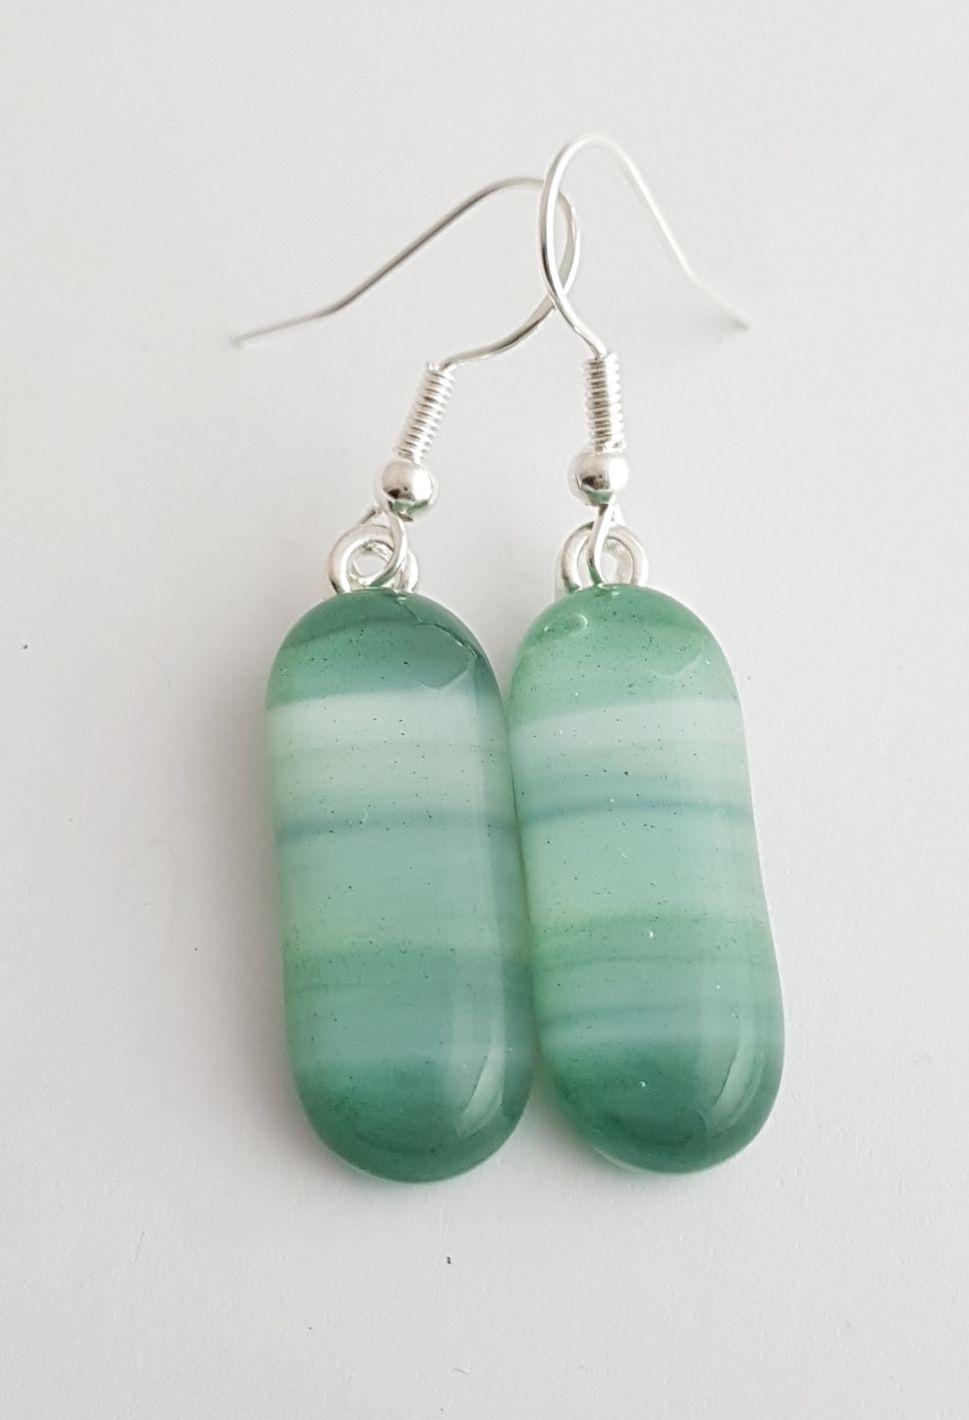 Swirly greens drop earrings